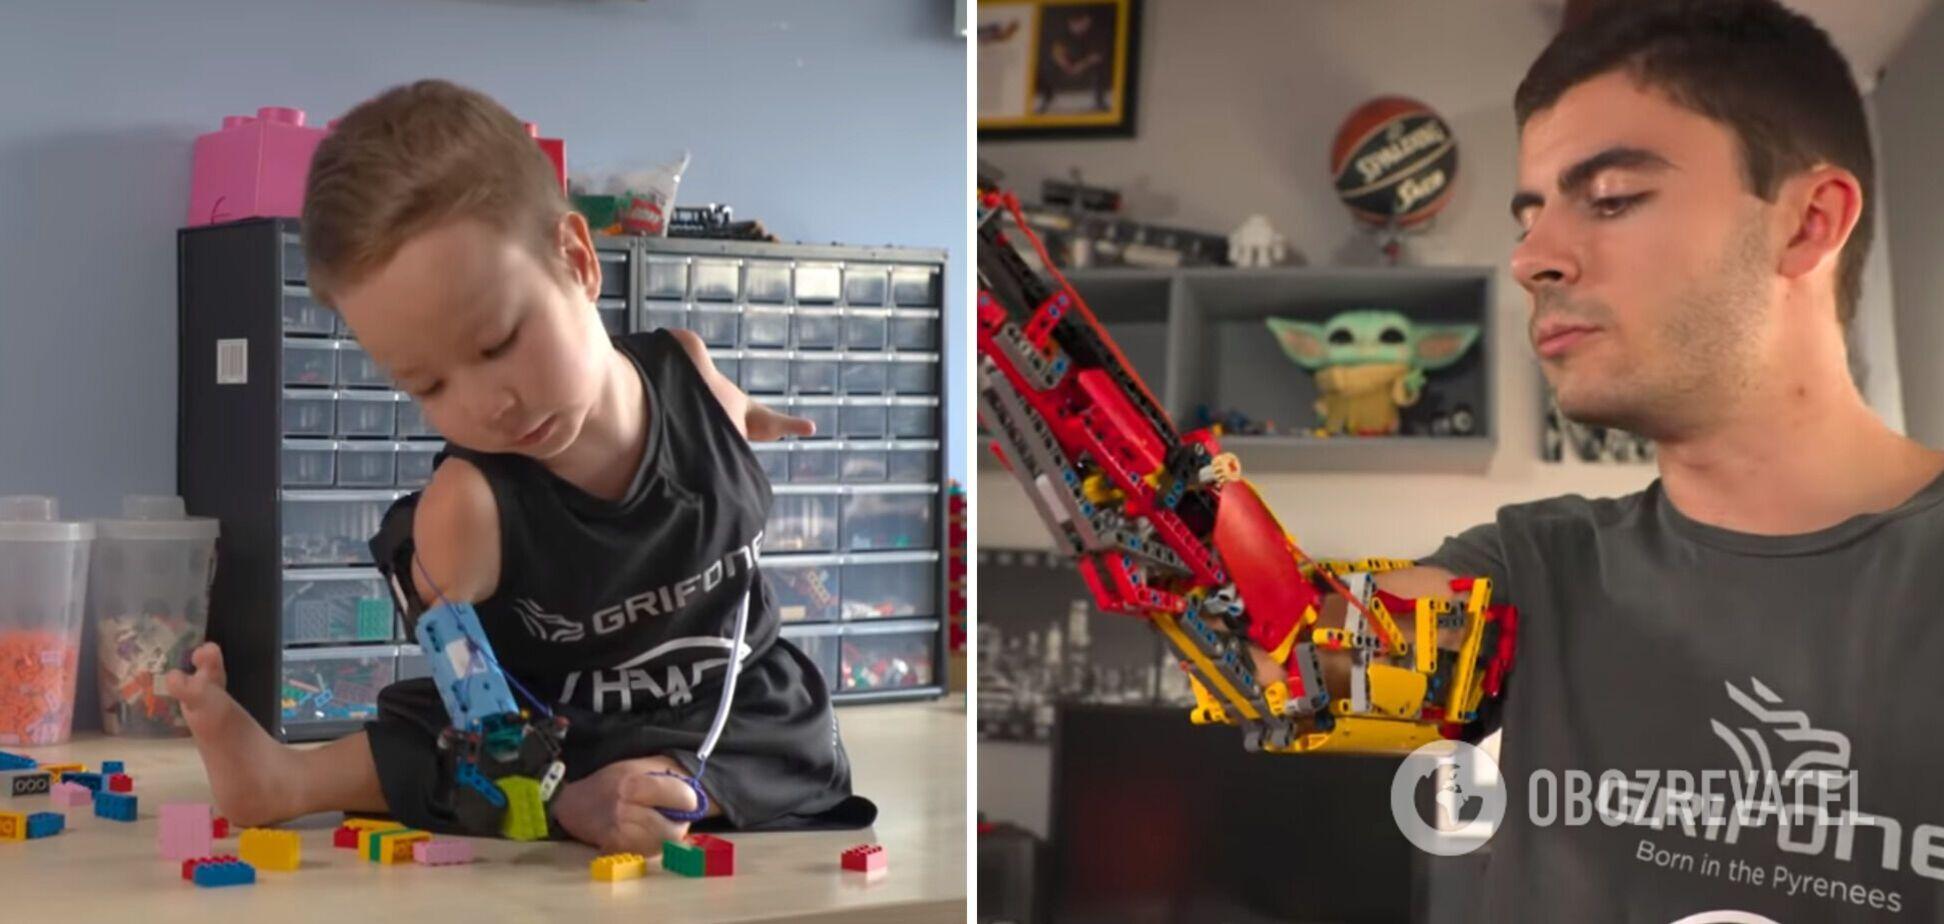 В Испании изобретатель сделал протез для ребенка из деталей конструктора LEGO. Видео